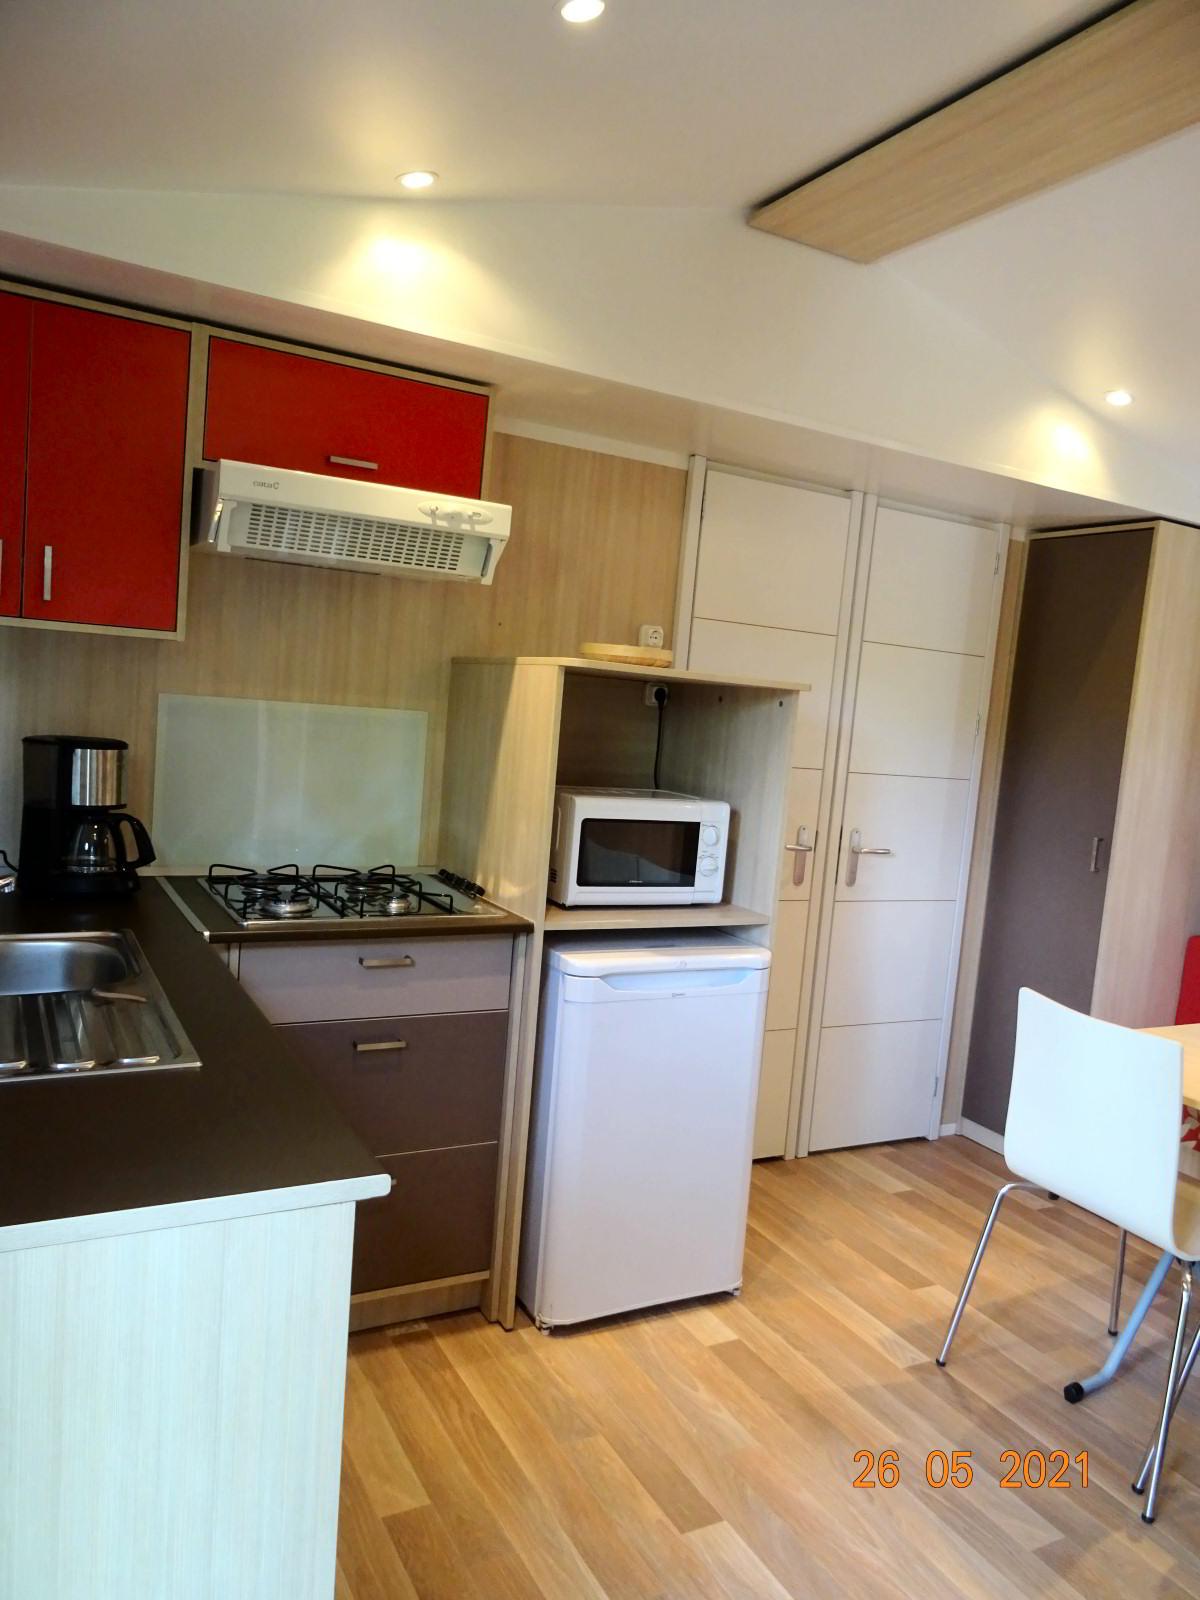 Stacaravan keuken met 2 slaapkamers